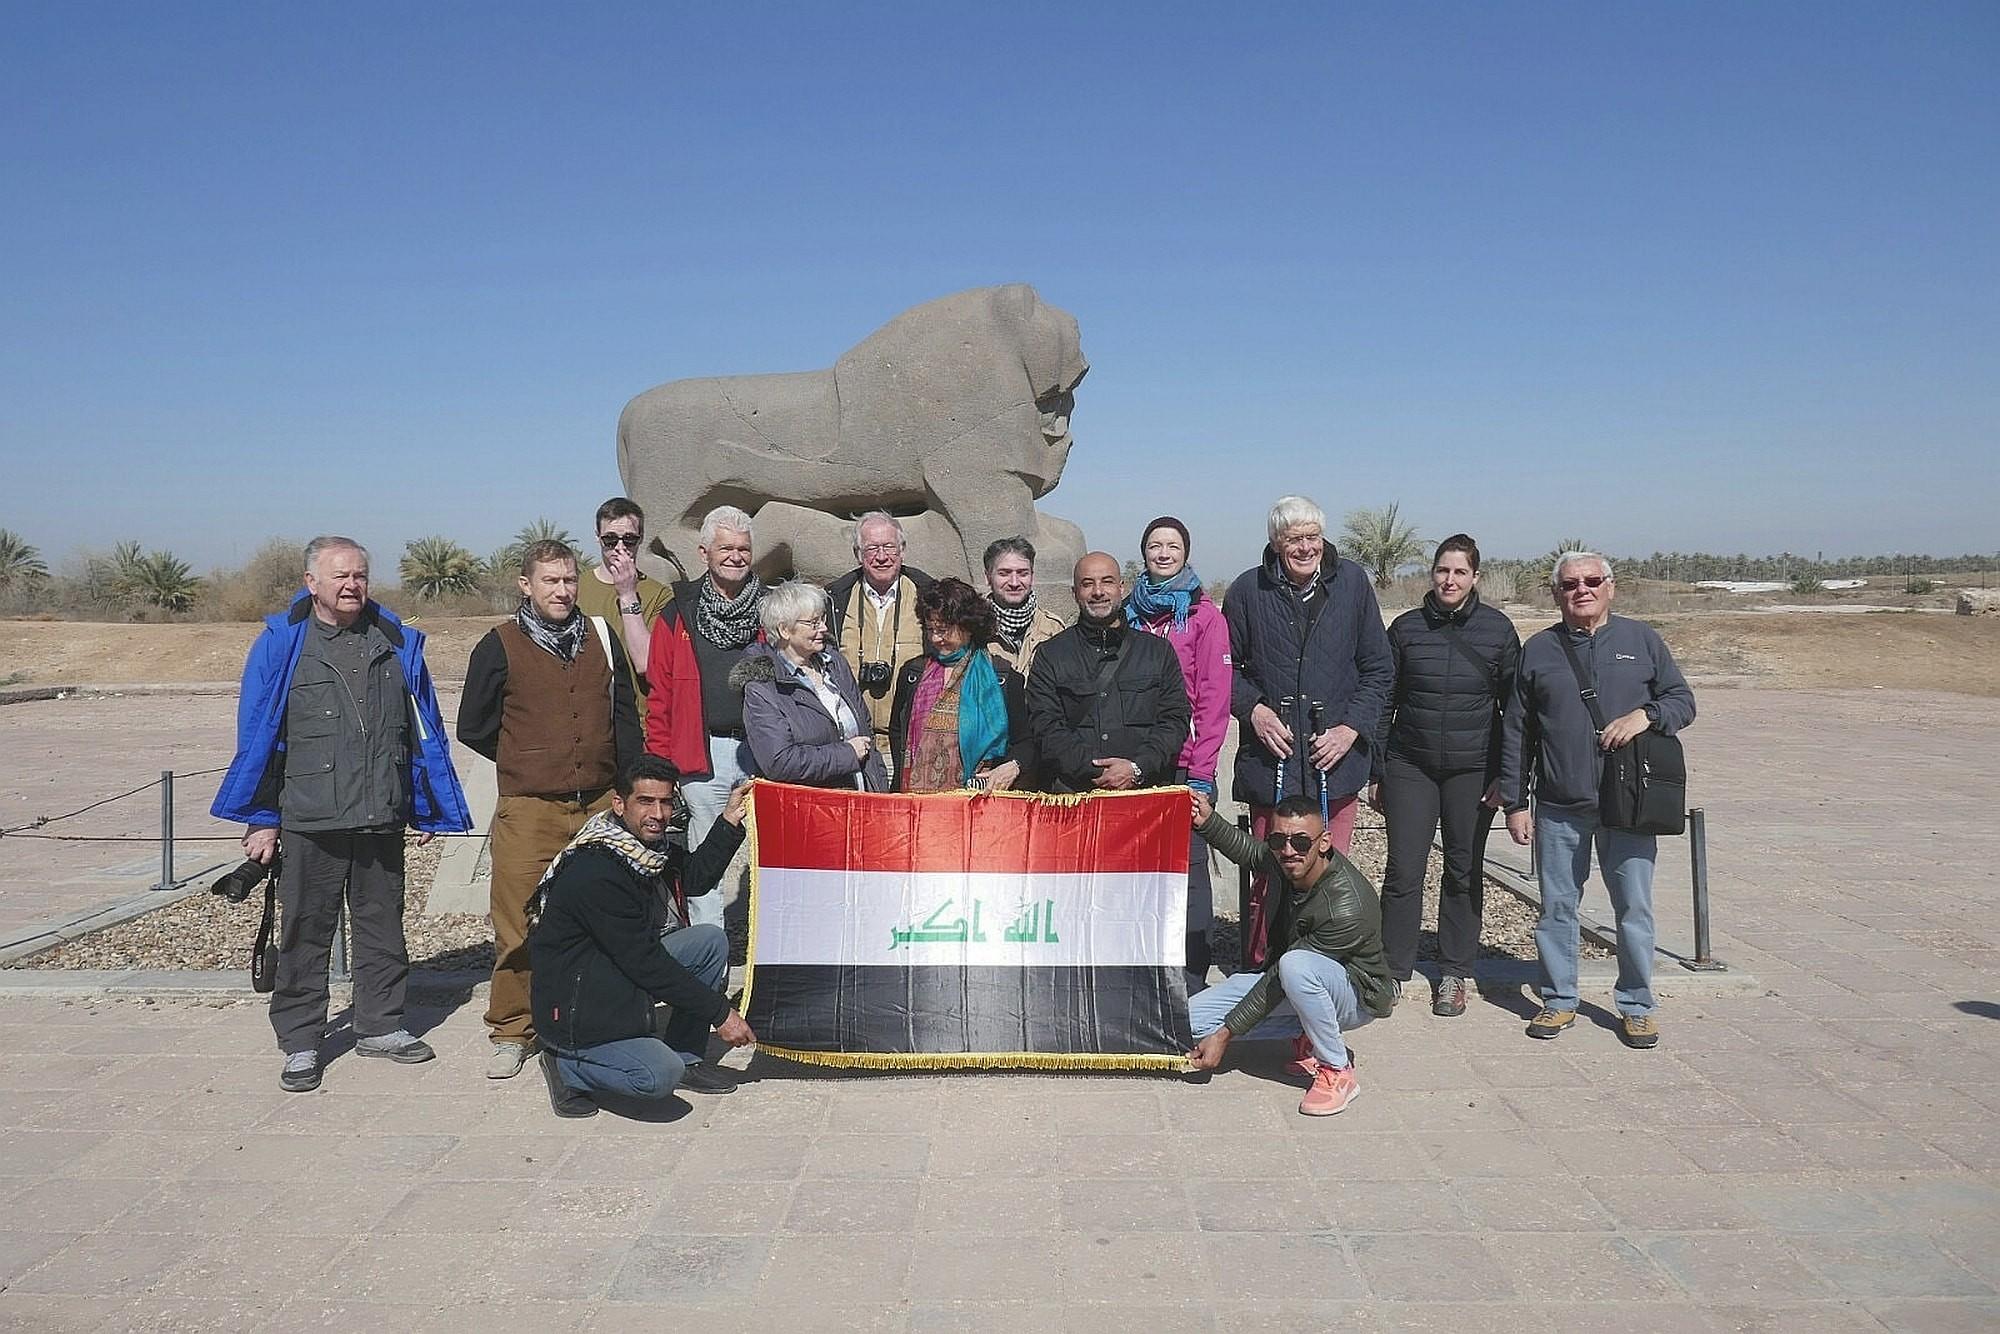 Irak_050_2000px